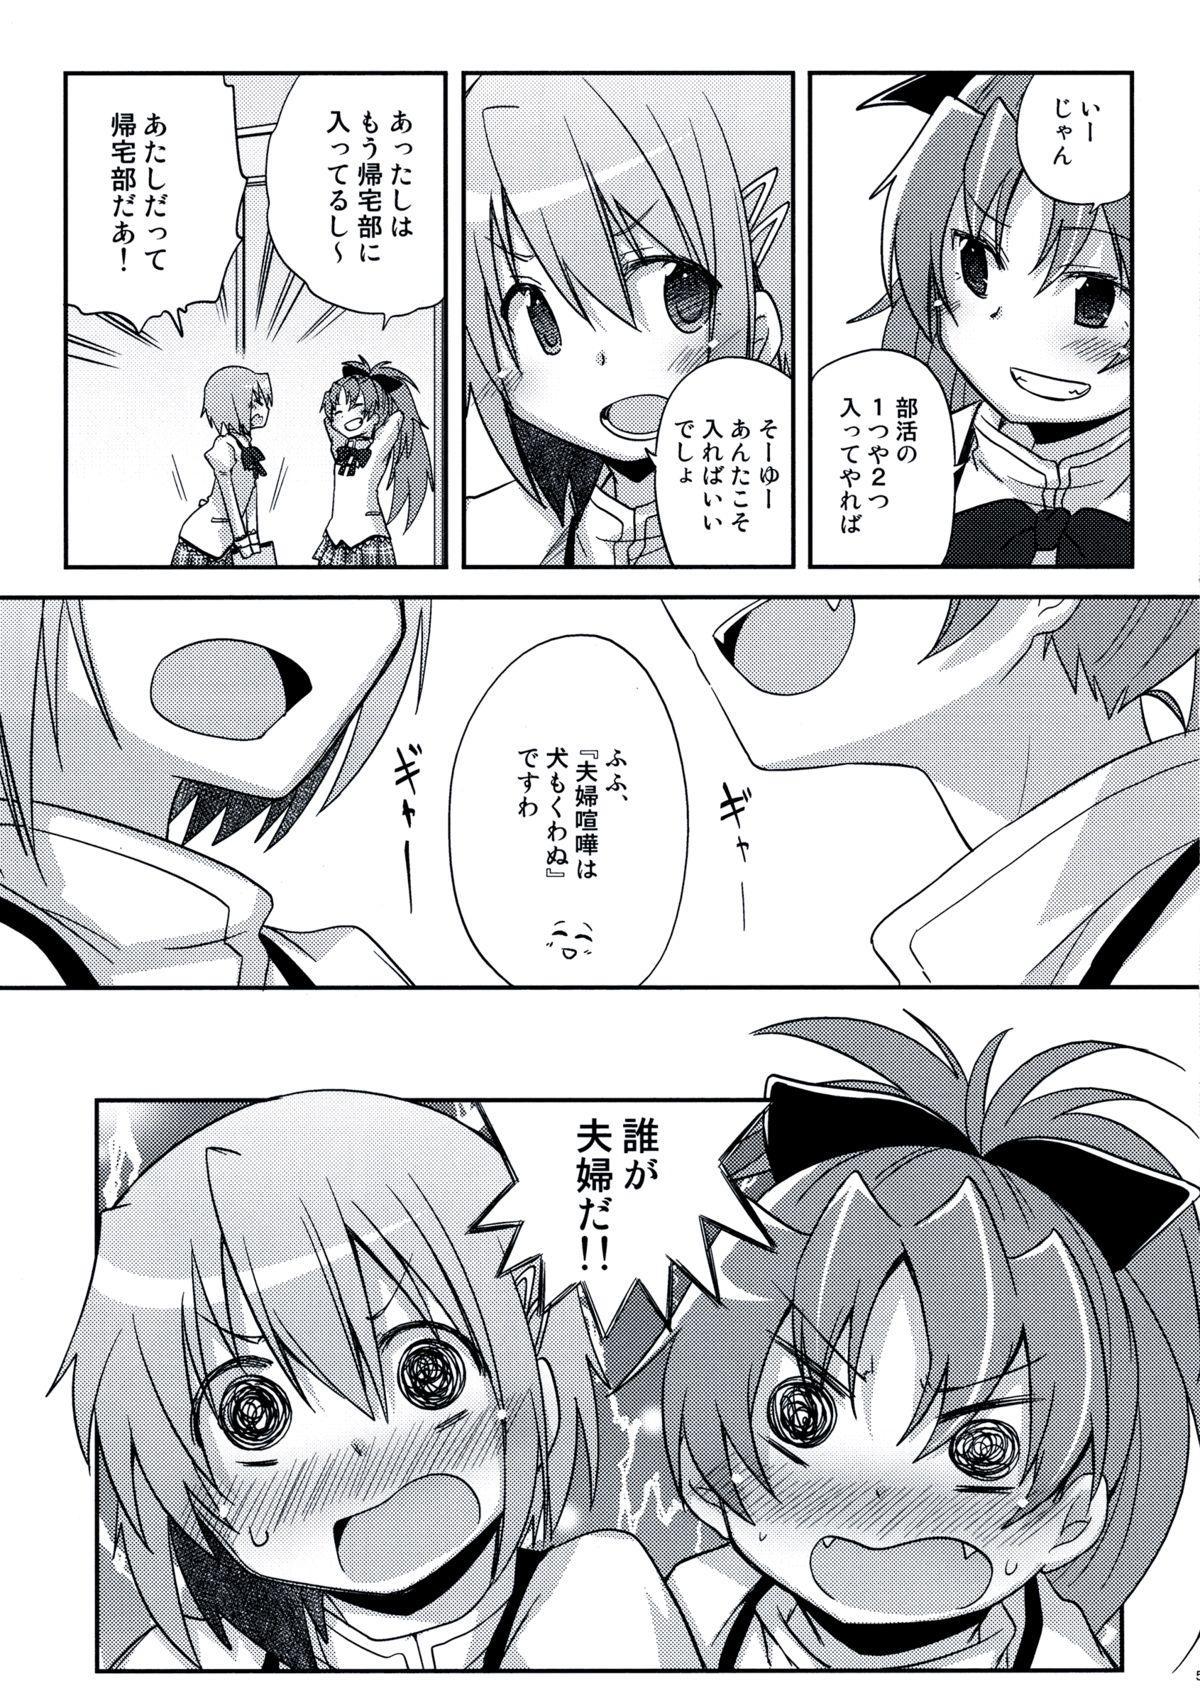 Atashi shika Shiranai 3